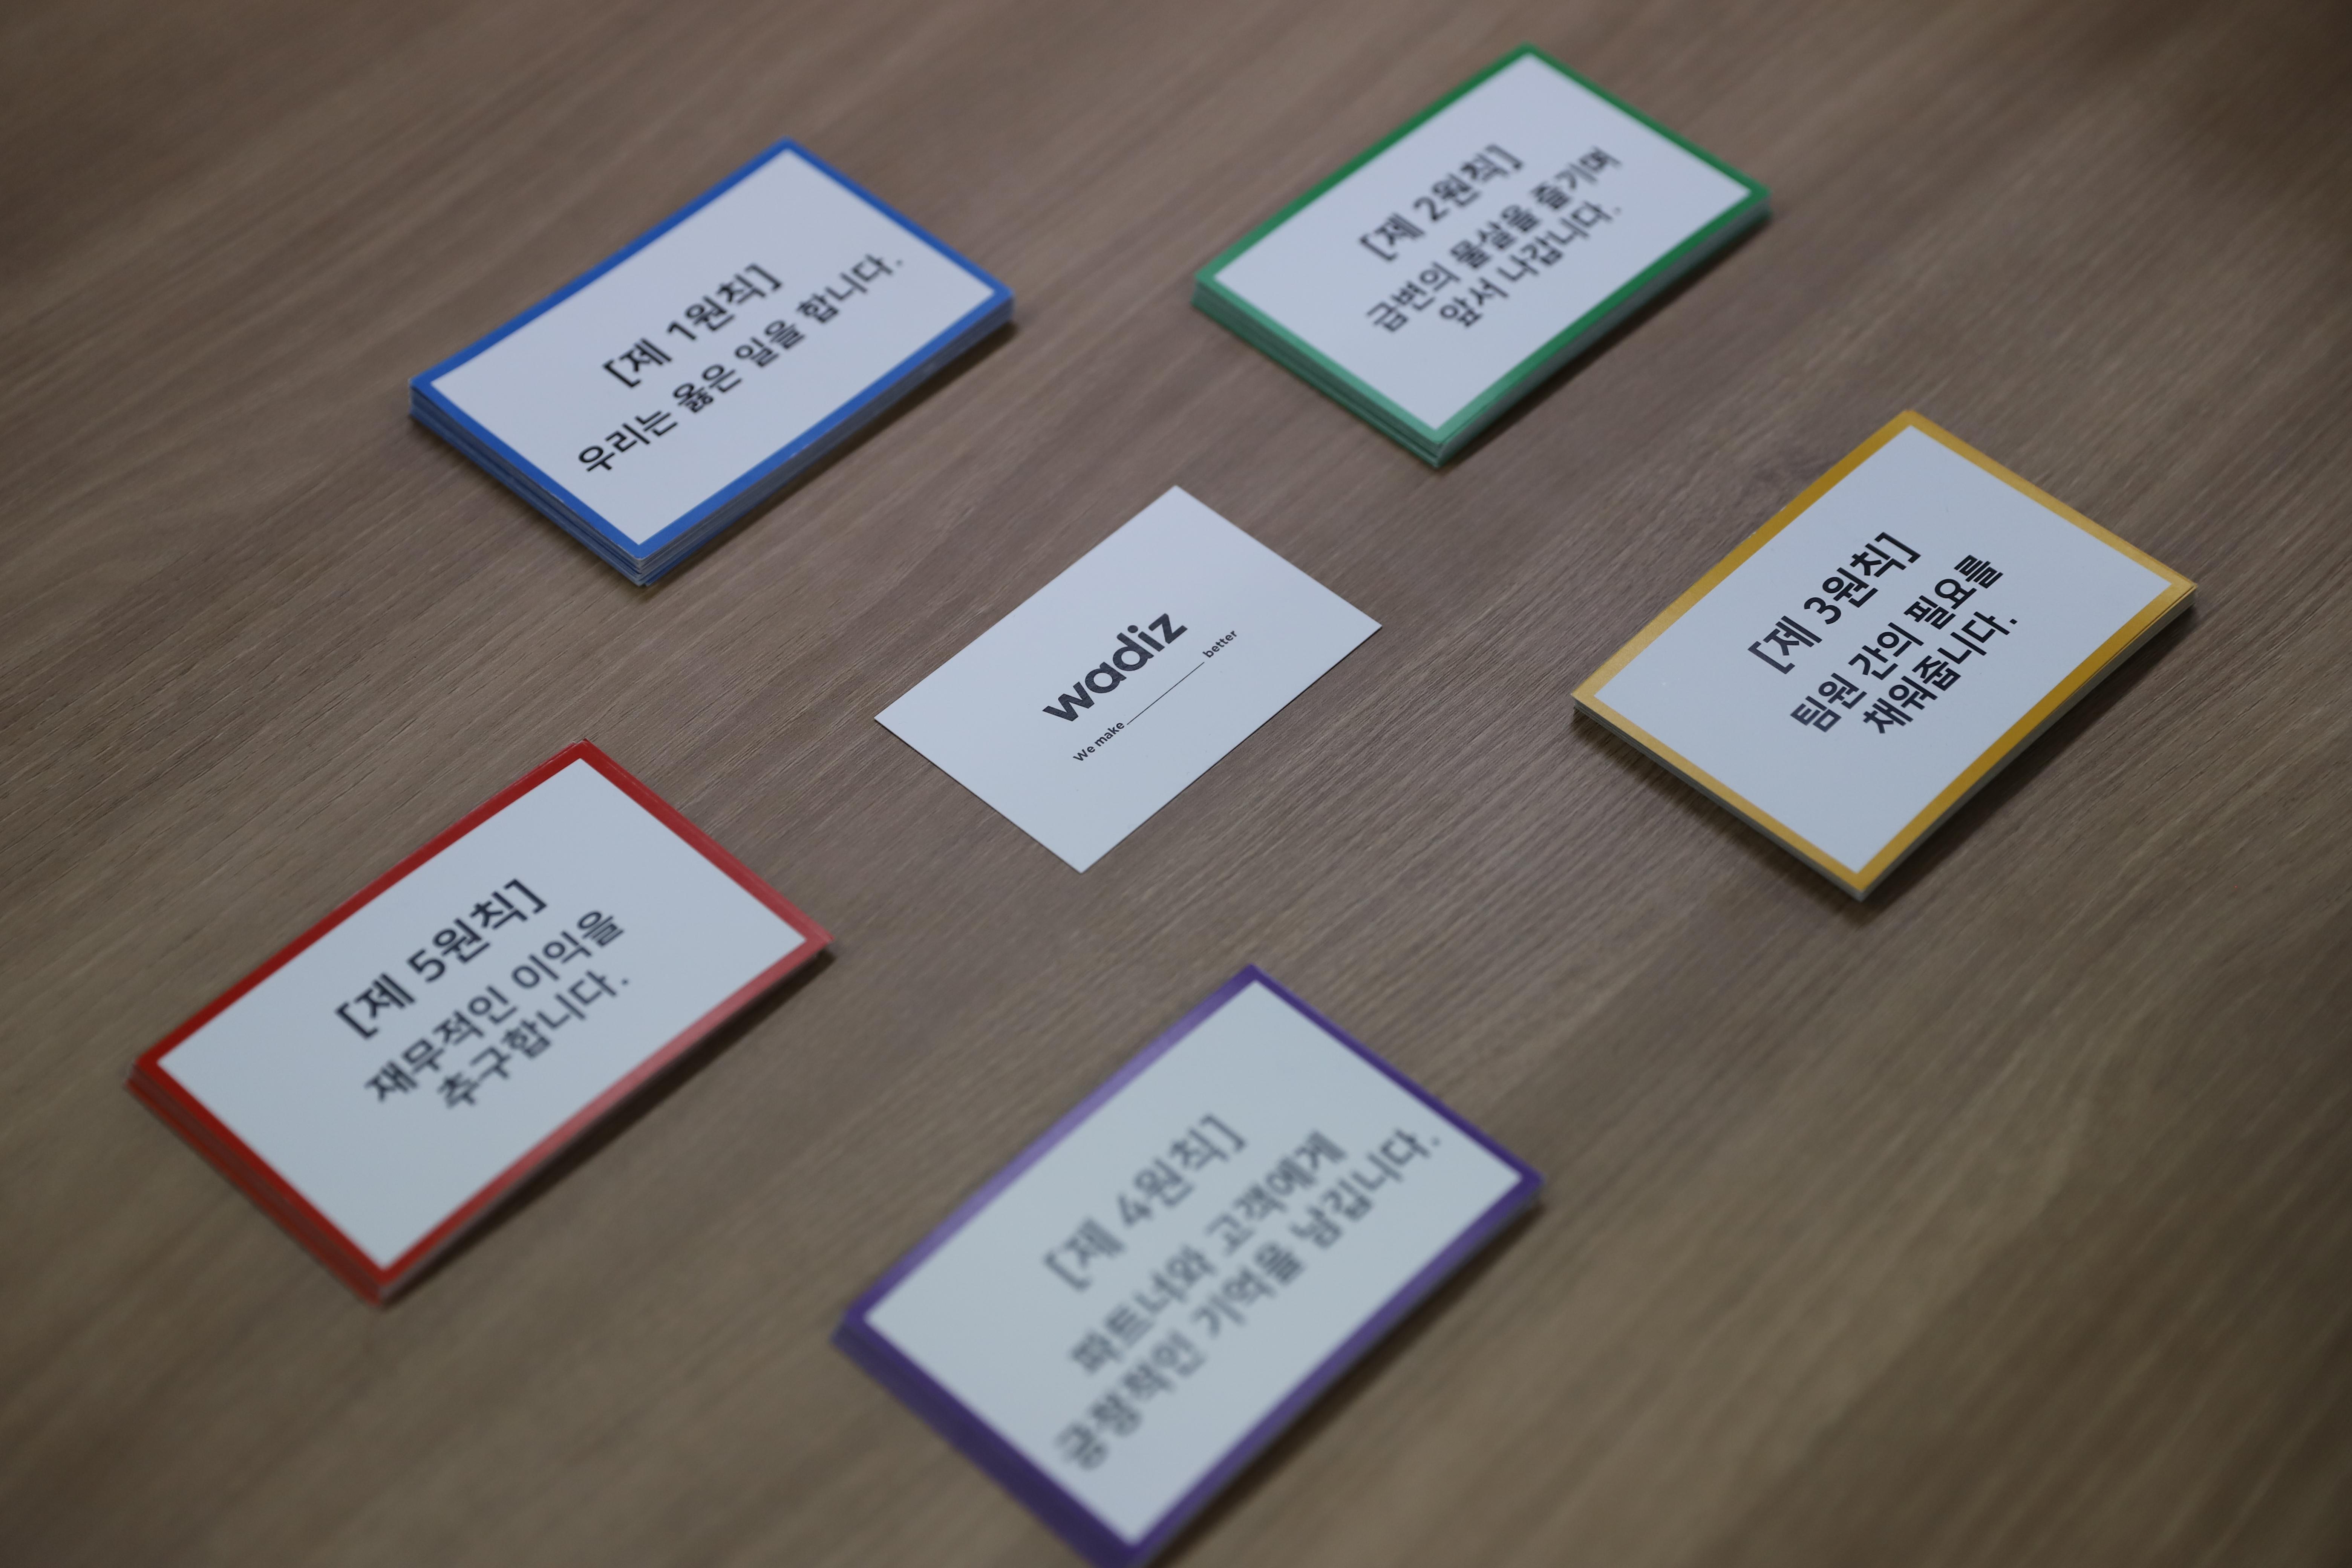 와디즈 신규입사자가 입사 첫날 해야 하는 와디즈 5원칙 카드게임 ©와디즈